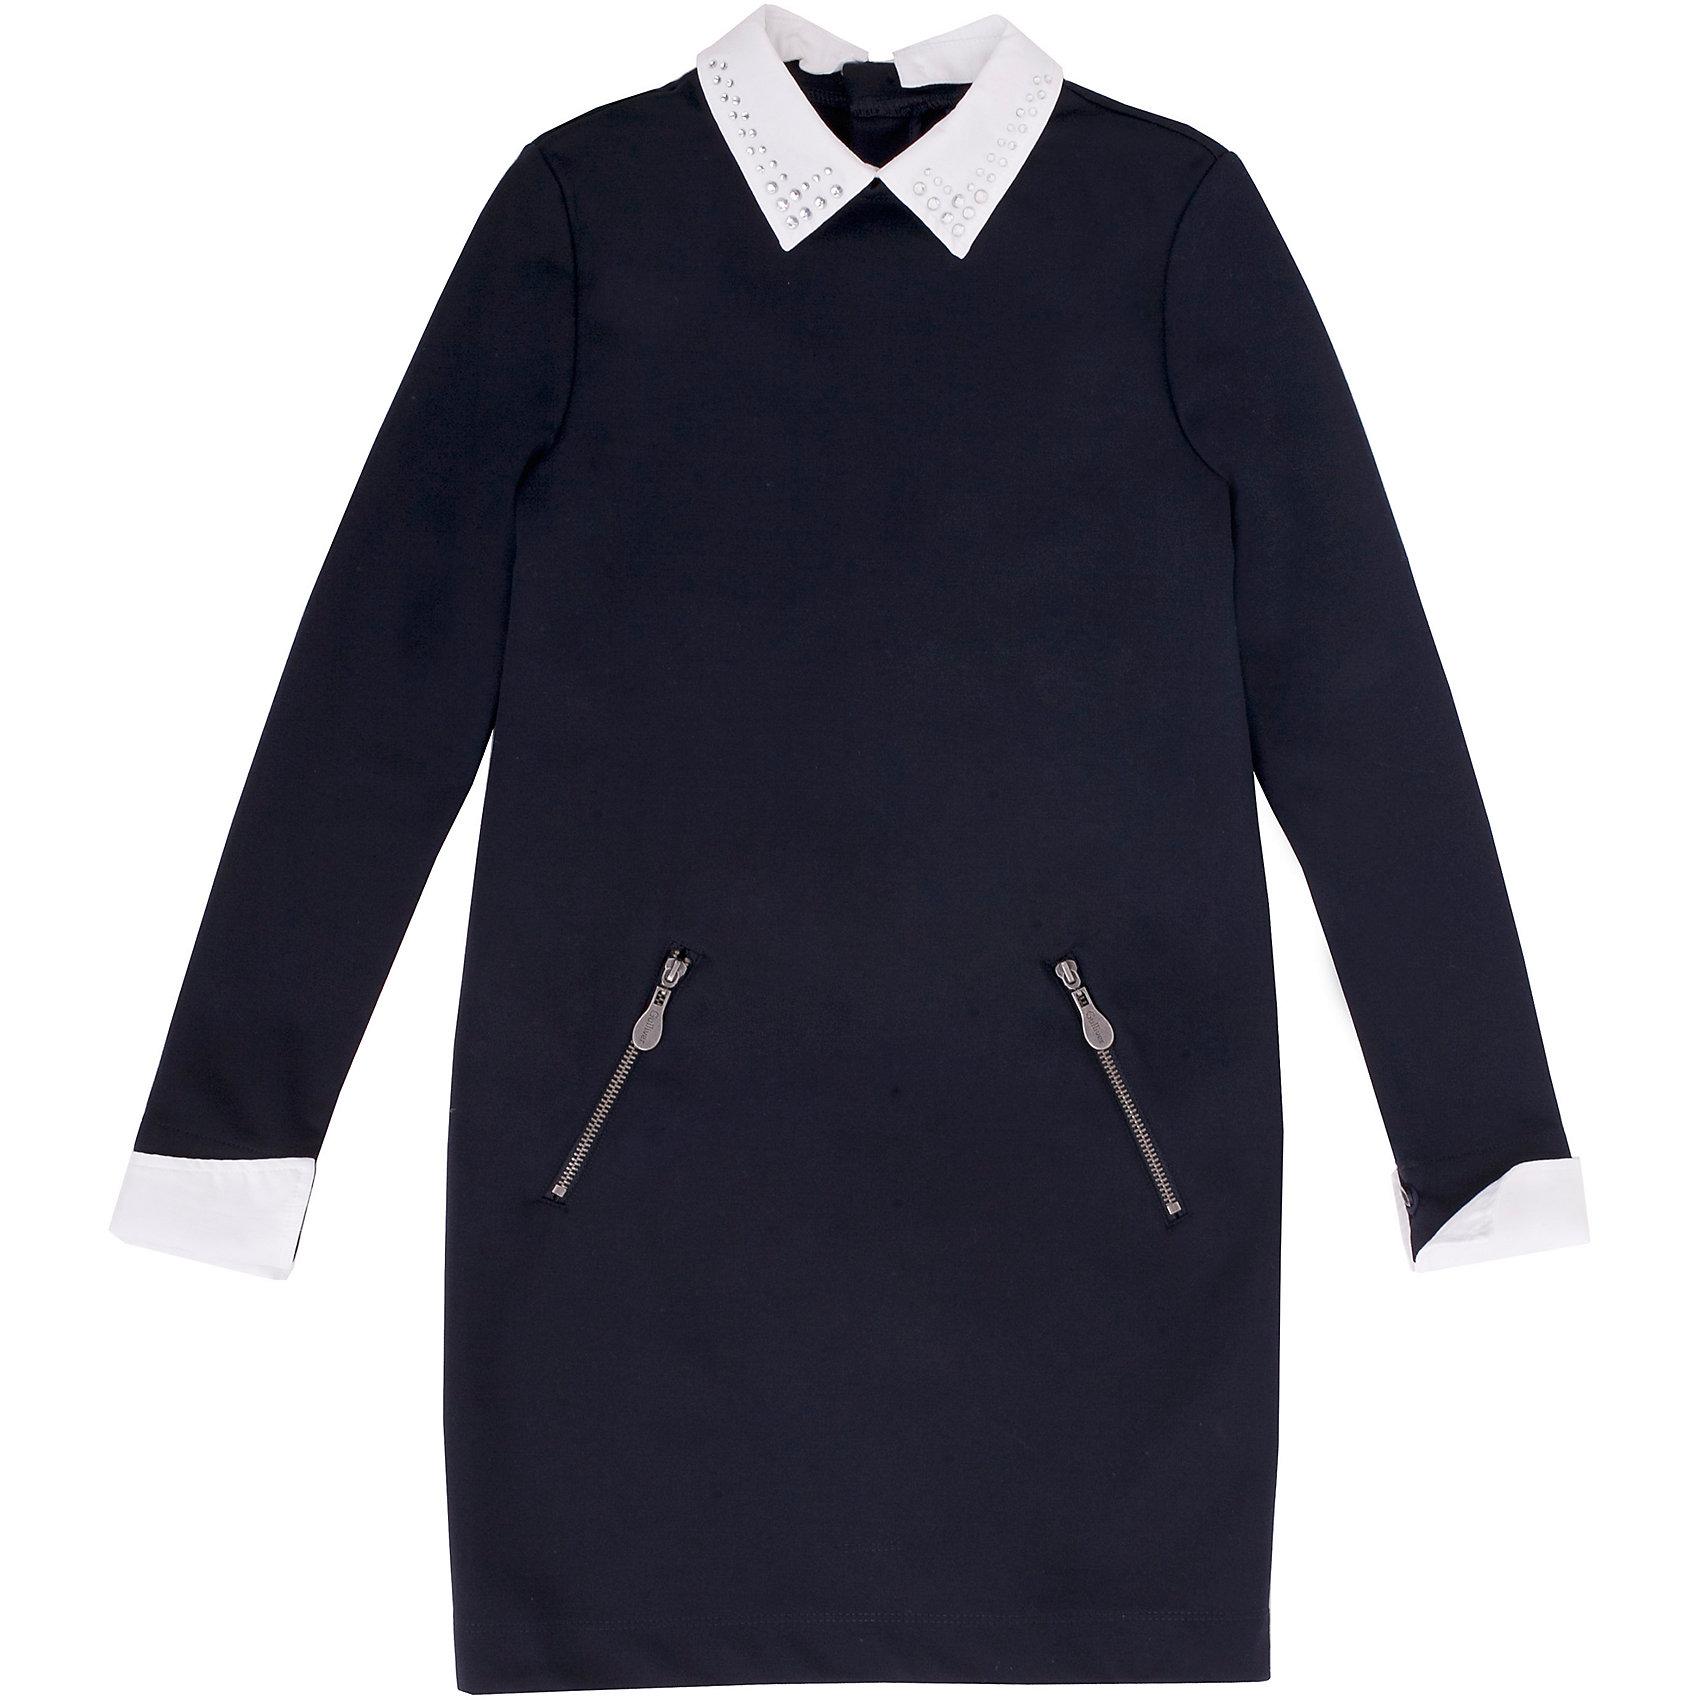 Платье GulliverПлатье для девочки от российской марки Gulliver.<br>Замечательное платье из трикотажного футера  - практичное комфортное решение на каждый день. Оно не стесняет движений,  имеет удобные карманы для хранения девичьих секретов. Съемные ворот и манжеты  упрощают уход за изделием, напоминая мамам их школьные годы, когда воротнички и манжеты нужно было отпарывать для замены. Мягкий округлый силуэт сарафана гарантирует отличную посадку на всех типах  детской фигуры. Состав и плотность трикотажного полотна придают ощущение добротности, долговечности вещи.<br>Состав:<br>72% полиэстер 24% вискоза             4% эластан<br><br>Ширина мм: 236<br>Глубина мм: 16<br>Высота мм: 184<br>Вес г: 177<br>Цвет: синий<br>Возраст от месяцев: 72<br>Возраст до месяцев: 84<br>Пол: Женский<br>Возраст: Детский<br>Размер: 122,140,164,134,128,146,158,152<br>SKU: 4174840